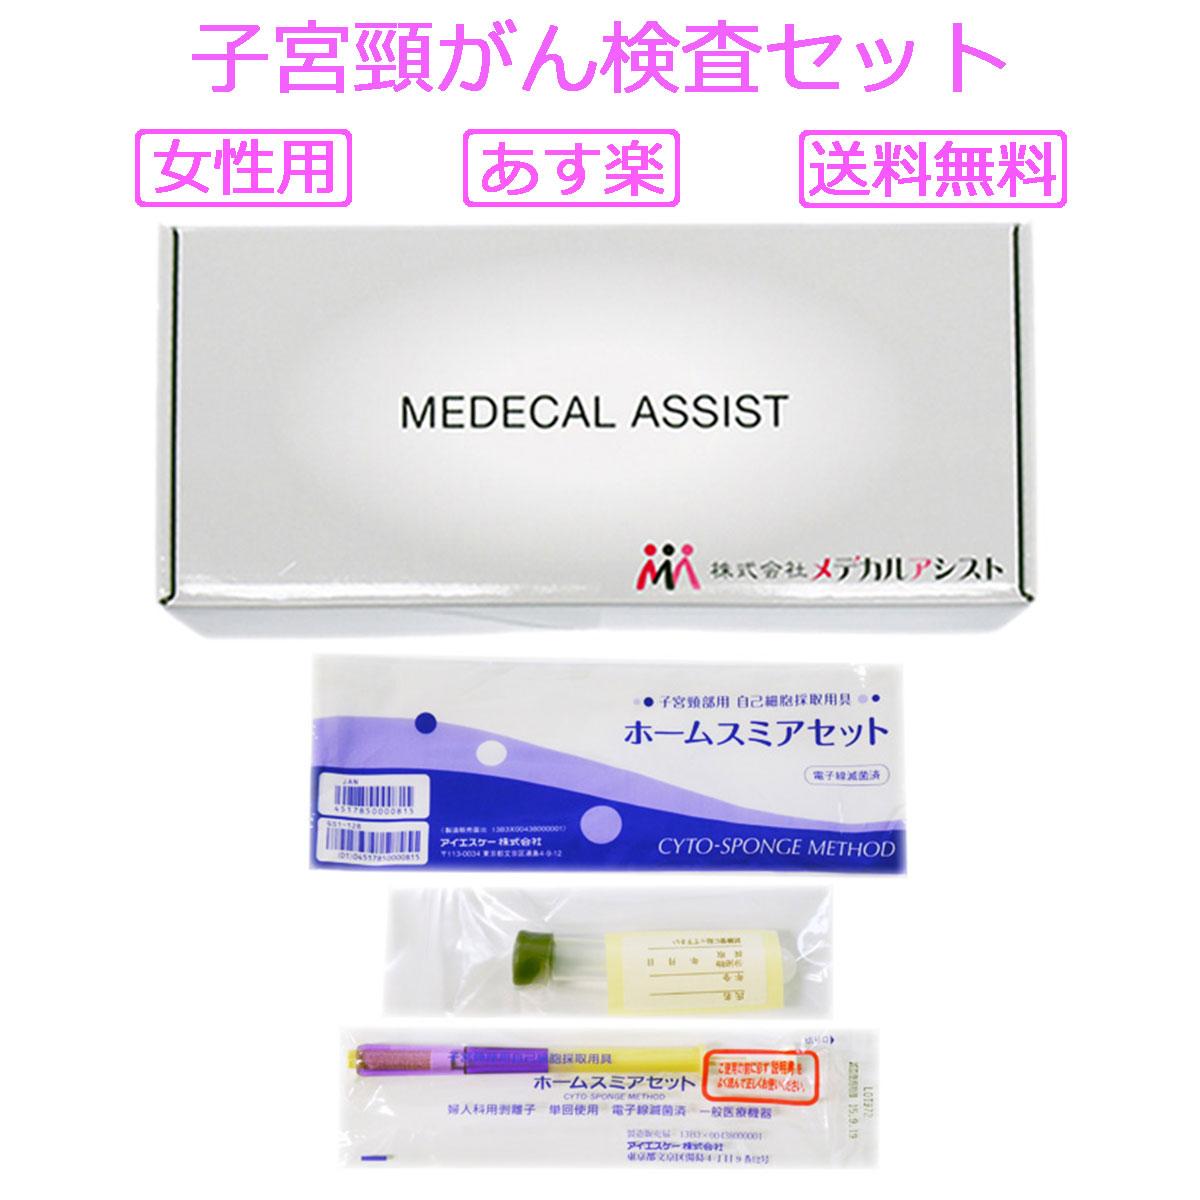 子宮頸がん検査セット